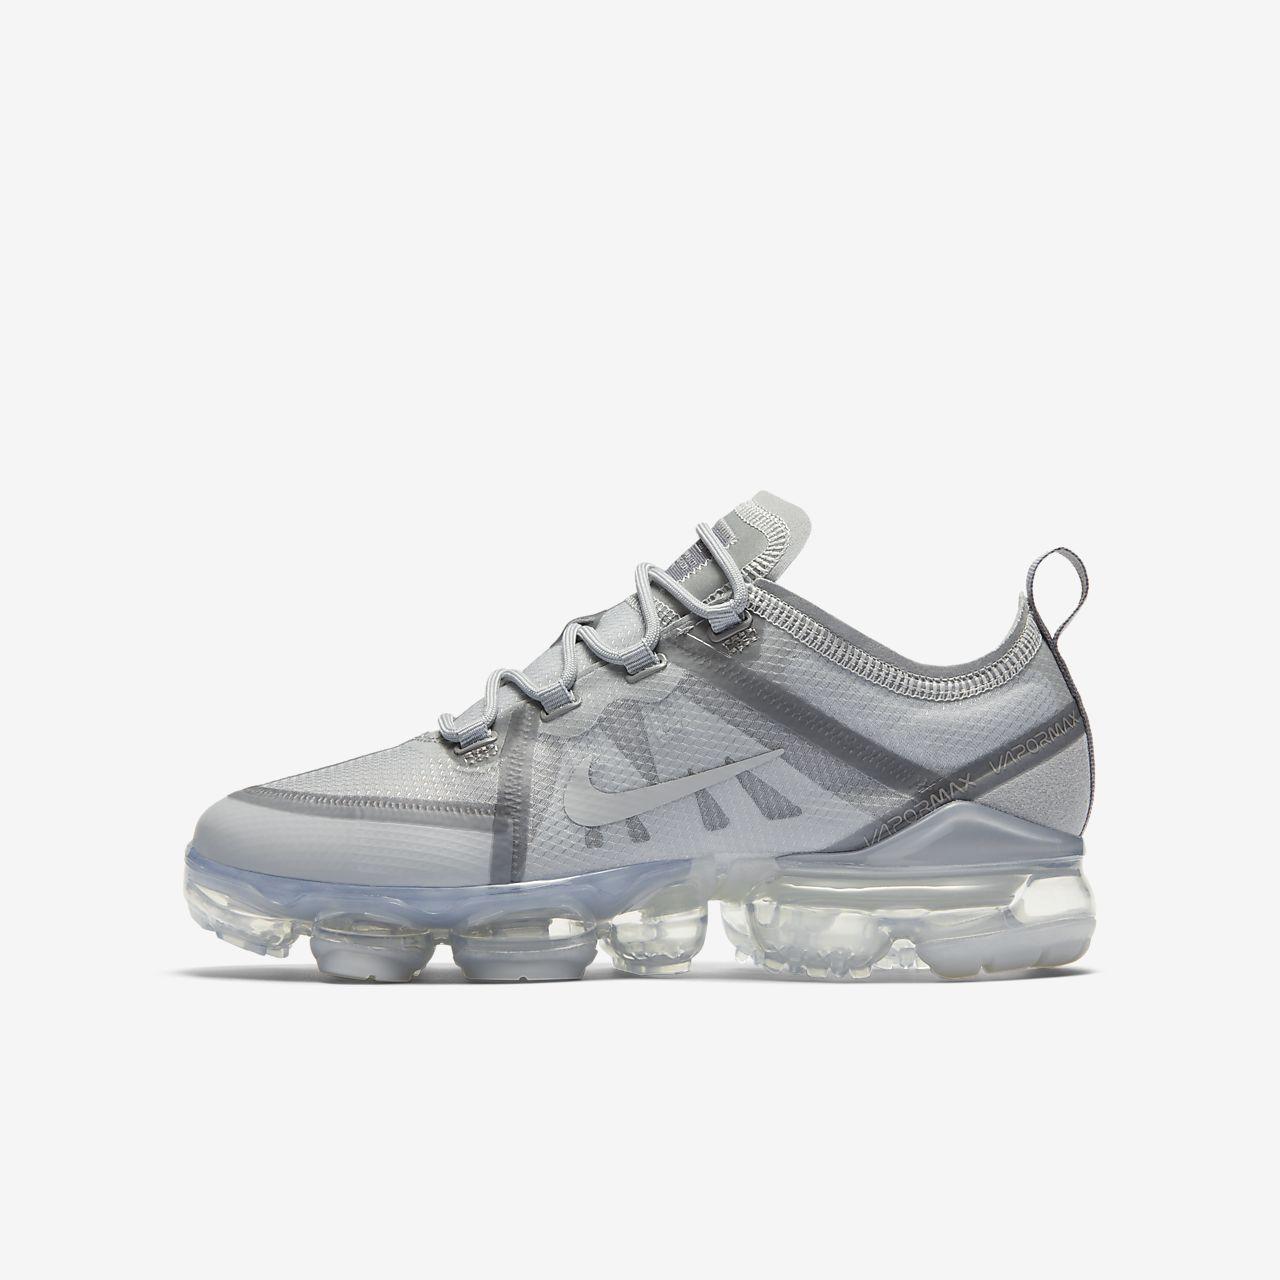 Παπούτσι Nike Air VaporMax 2019 για μεγάλα παιδιά